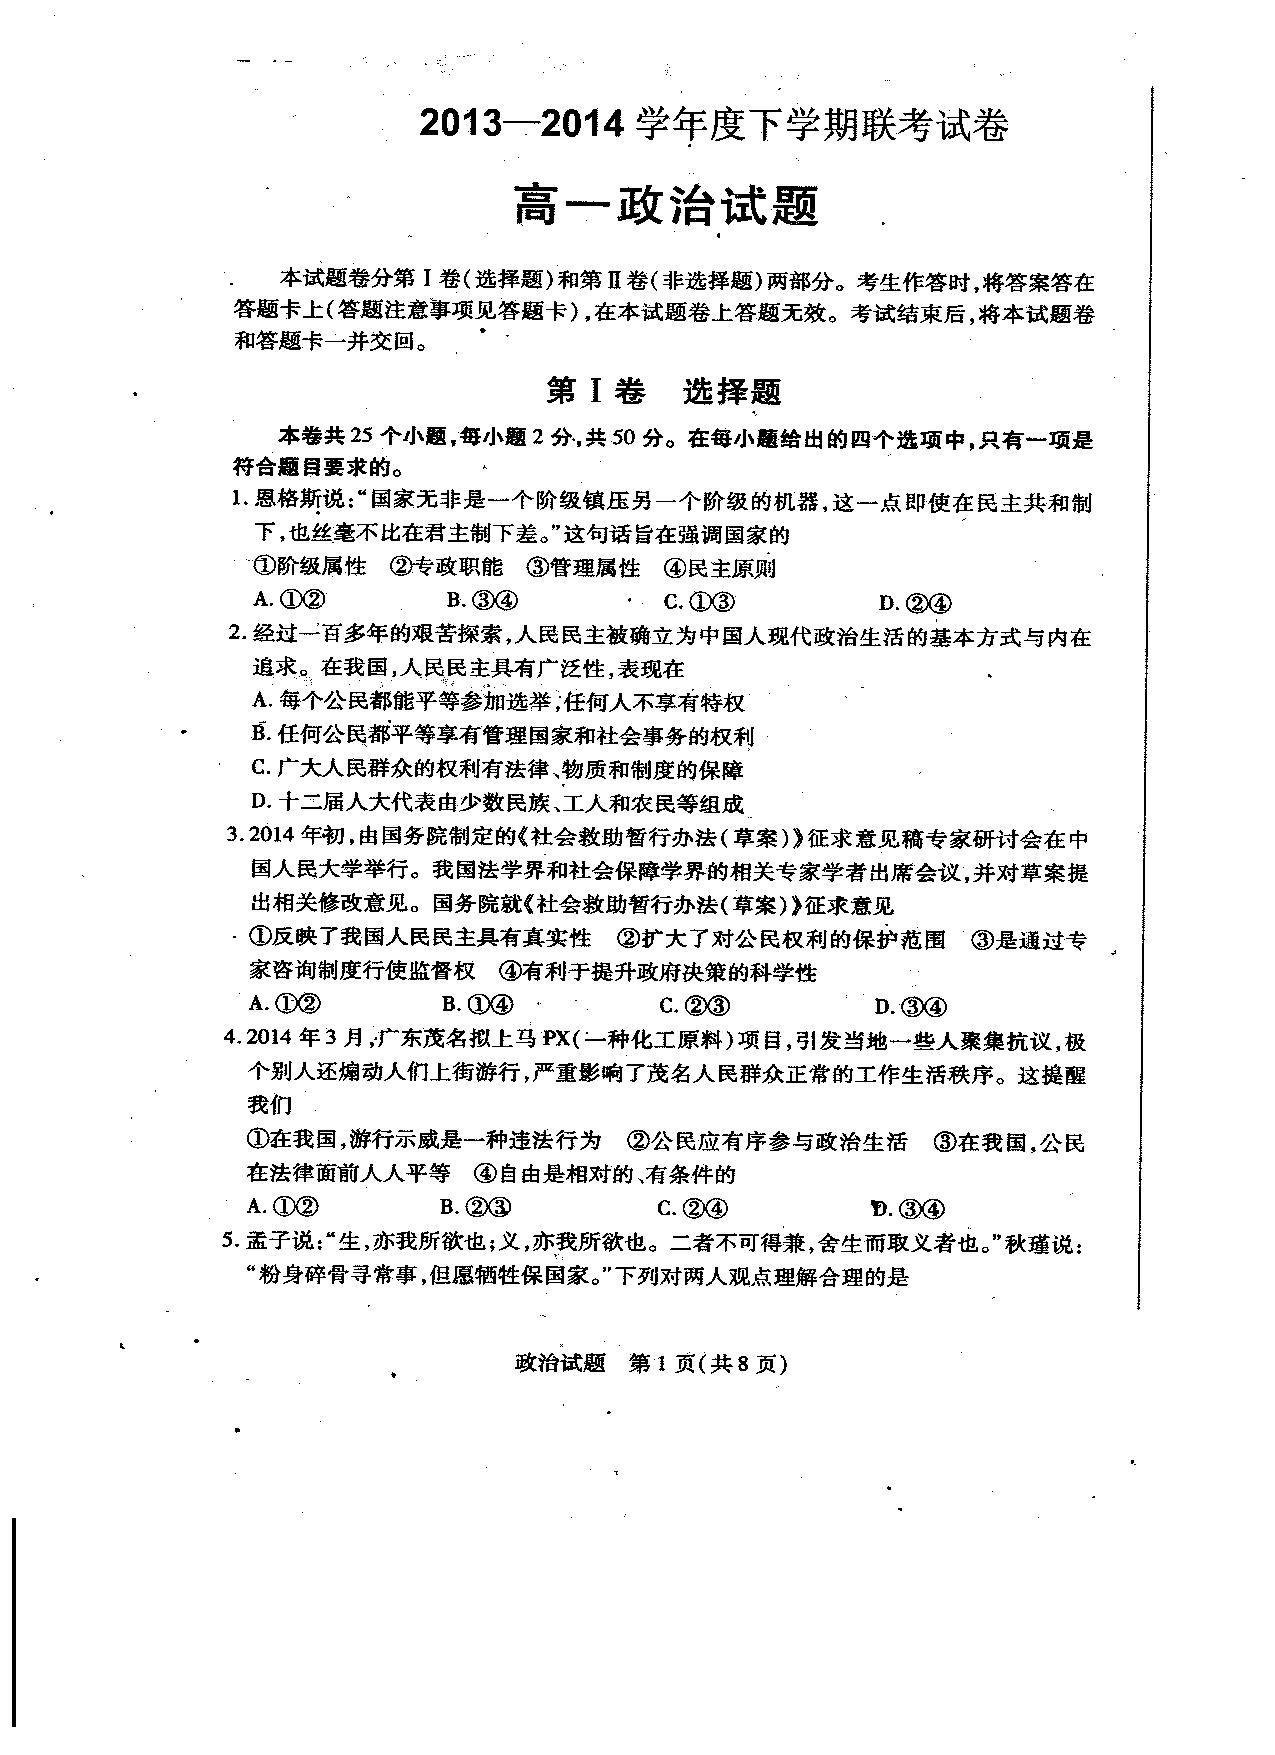 河南省周口市重点学年2013-2014高中高中下学特长生视唱练耳高一图片